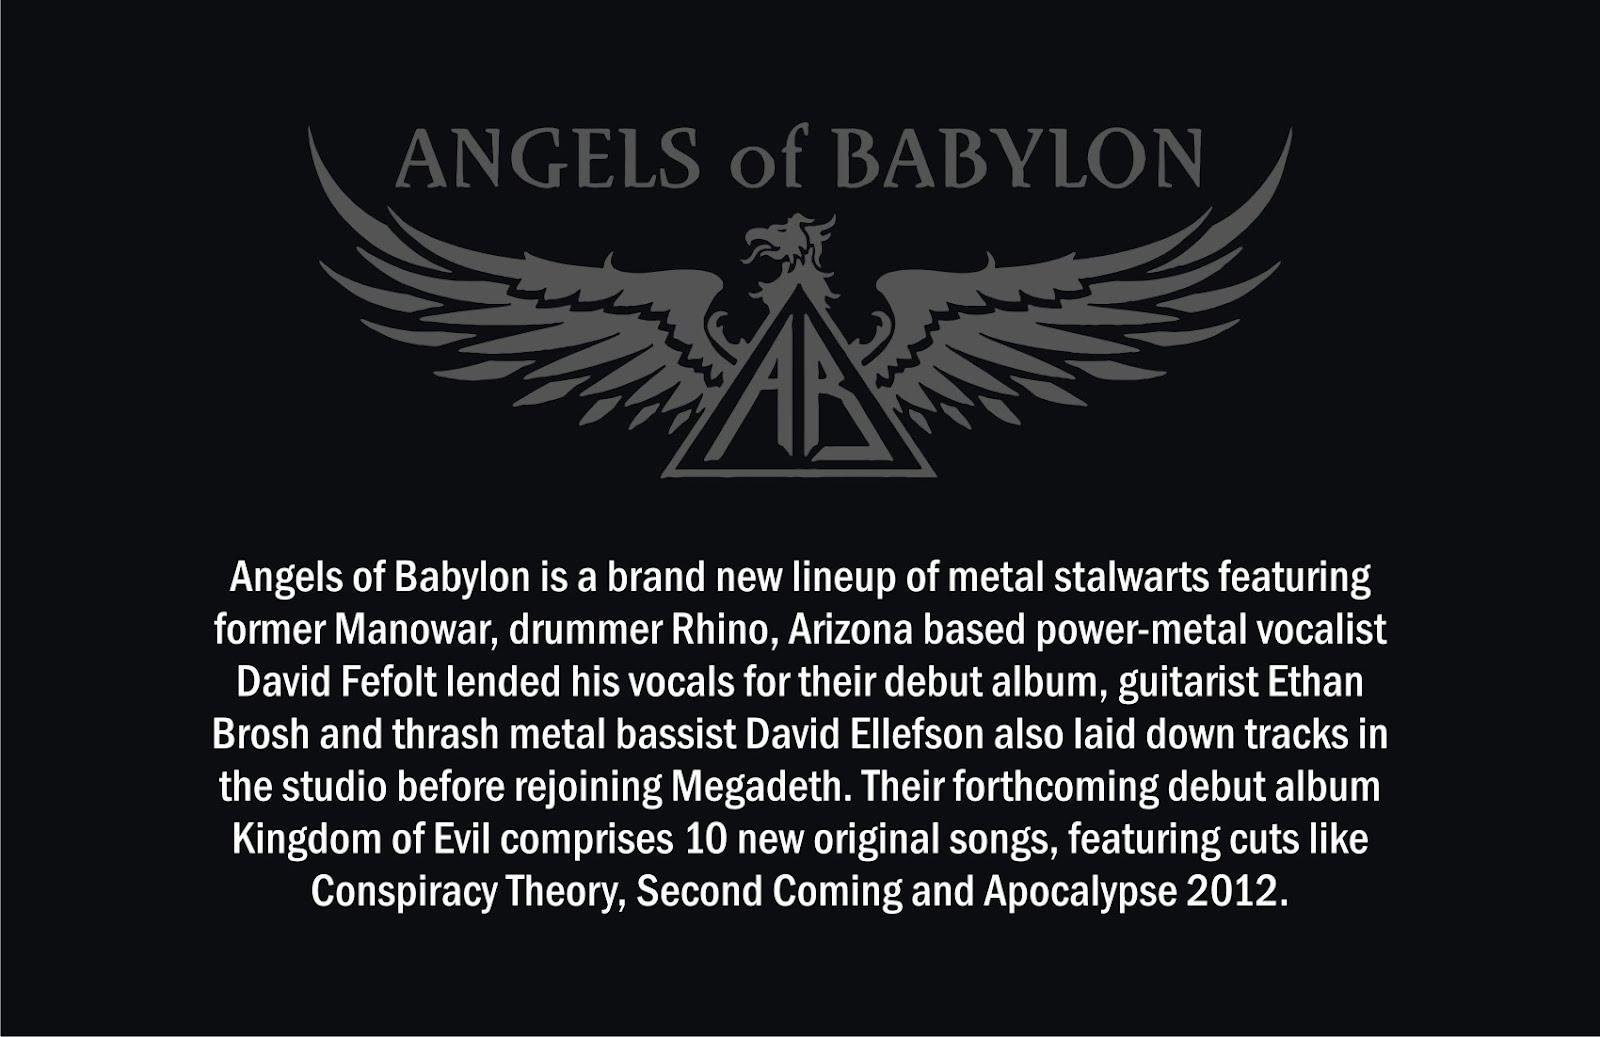 angels_of_babylon_back_vector